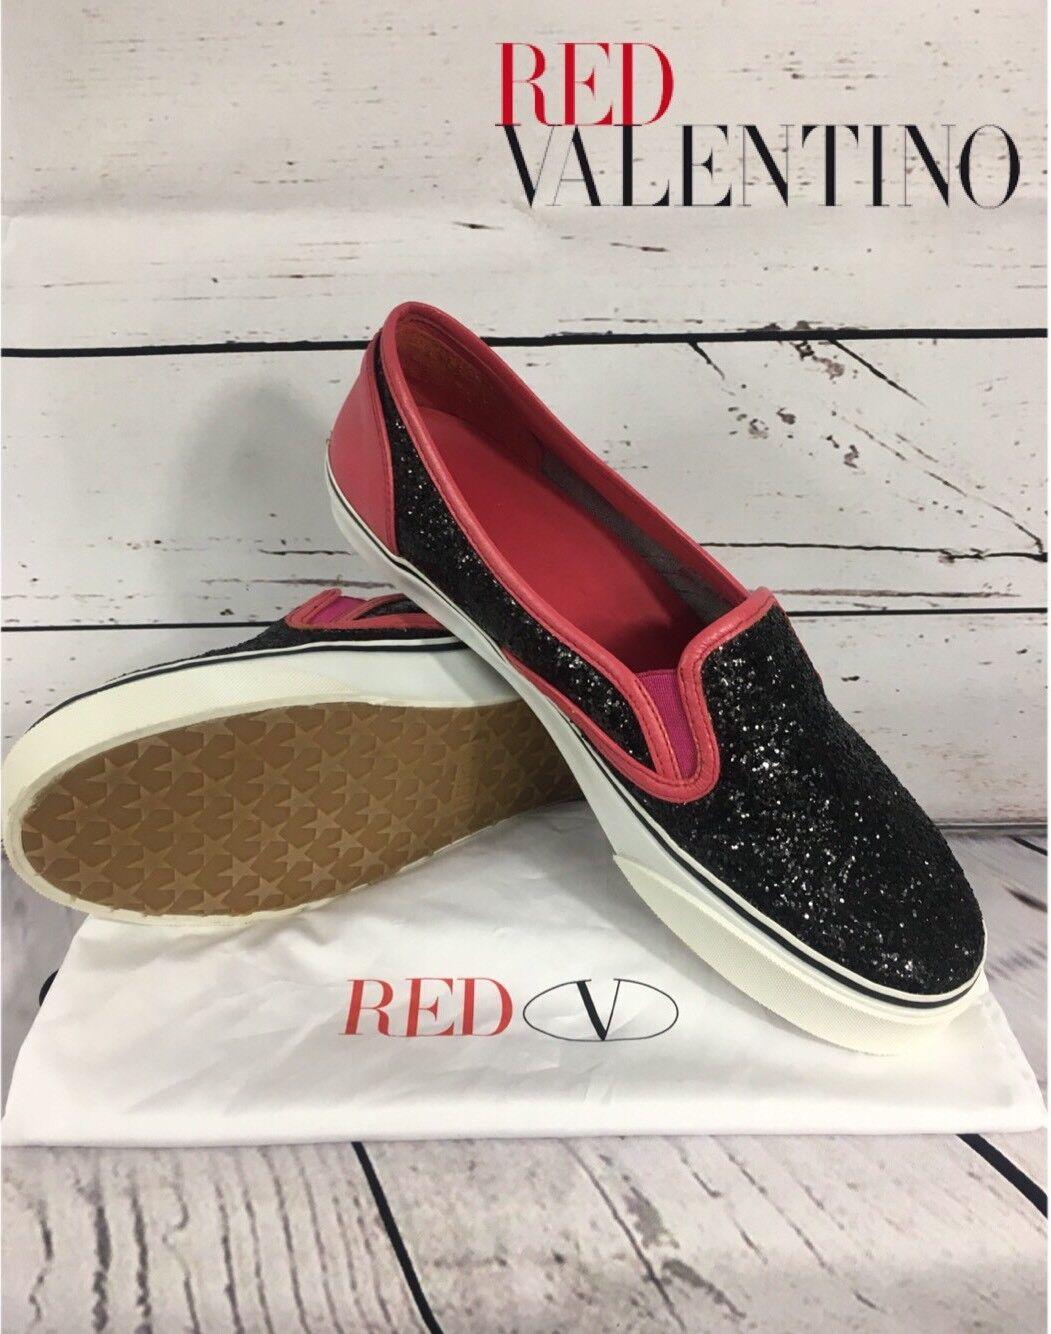 _66röd Valentino skor skor skor Slip -on Sz 39 SPARKLY  Made in SPANIEN RARE EUC  modern